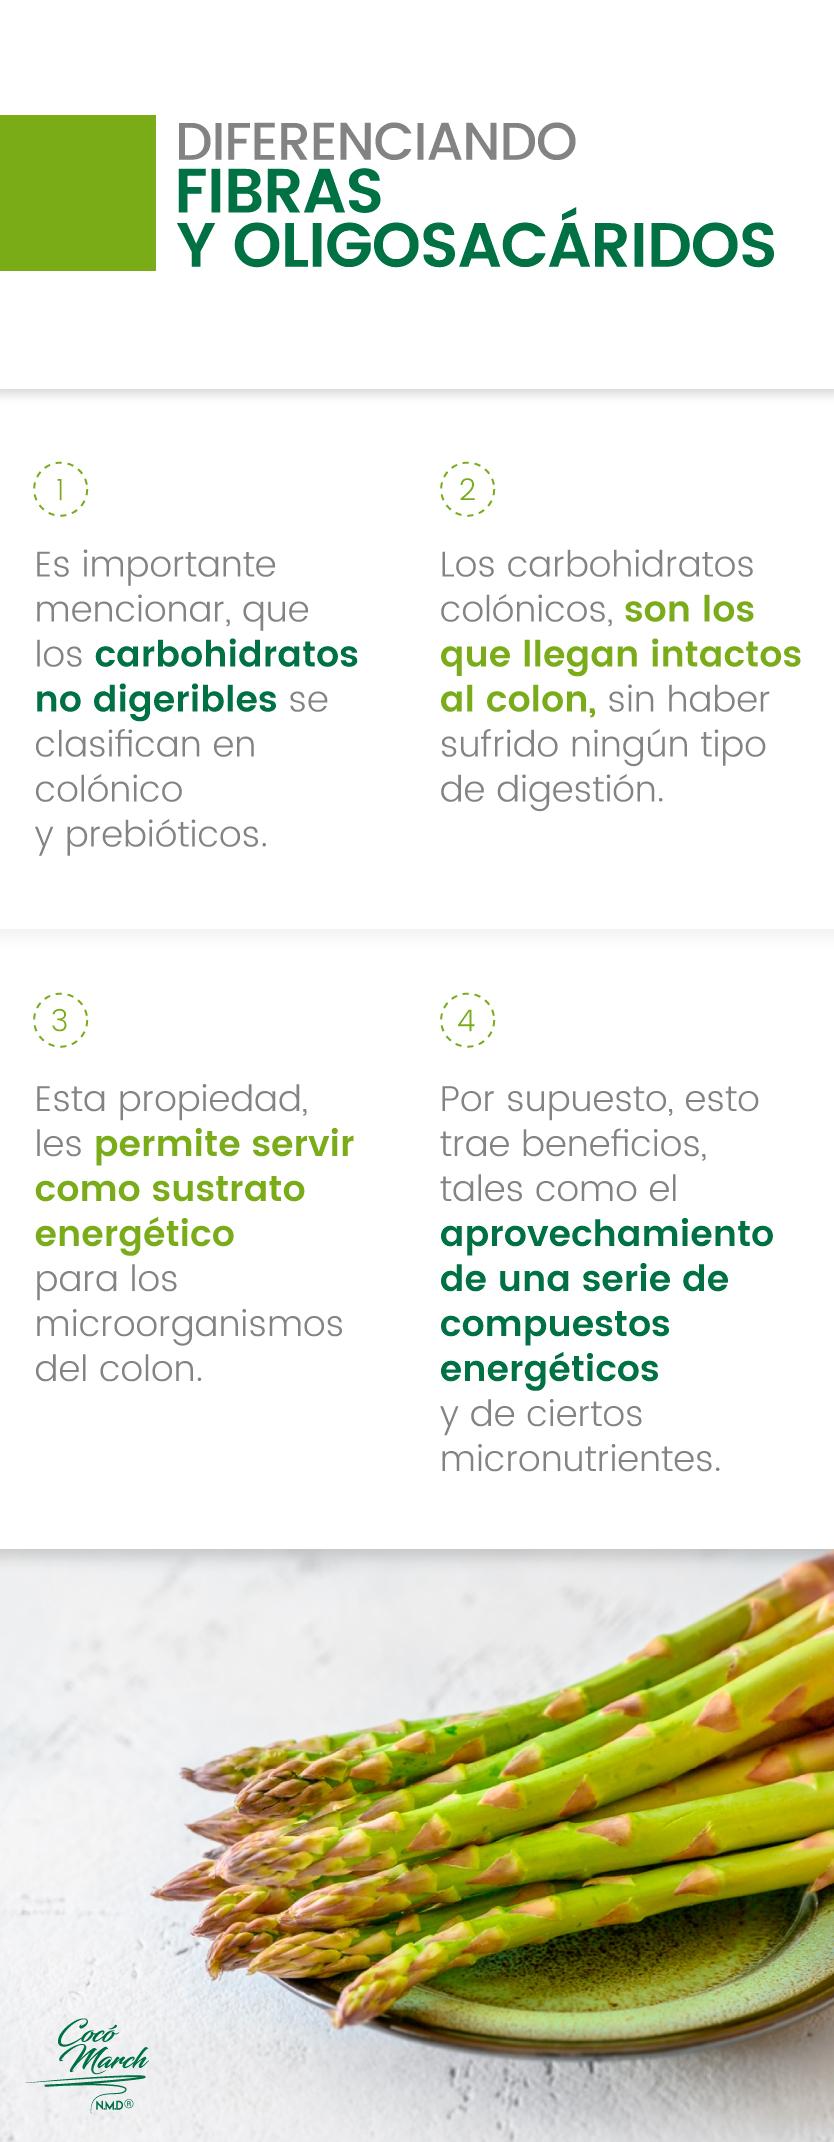 fibras-oligosacaridos-diferencias